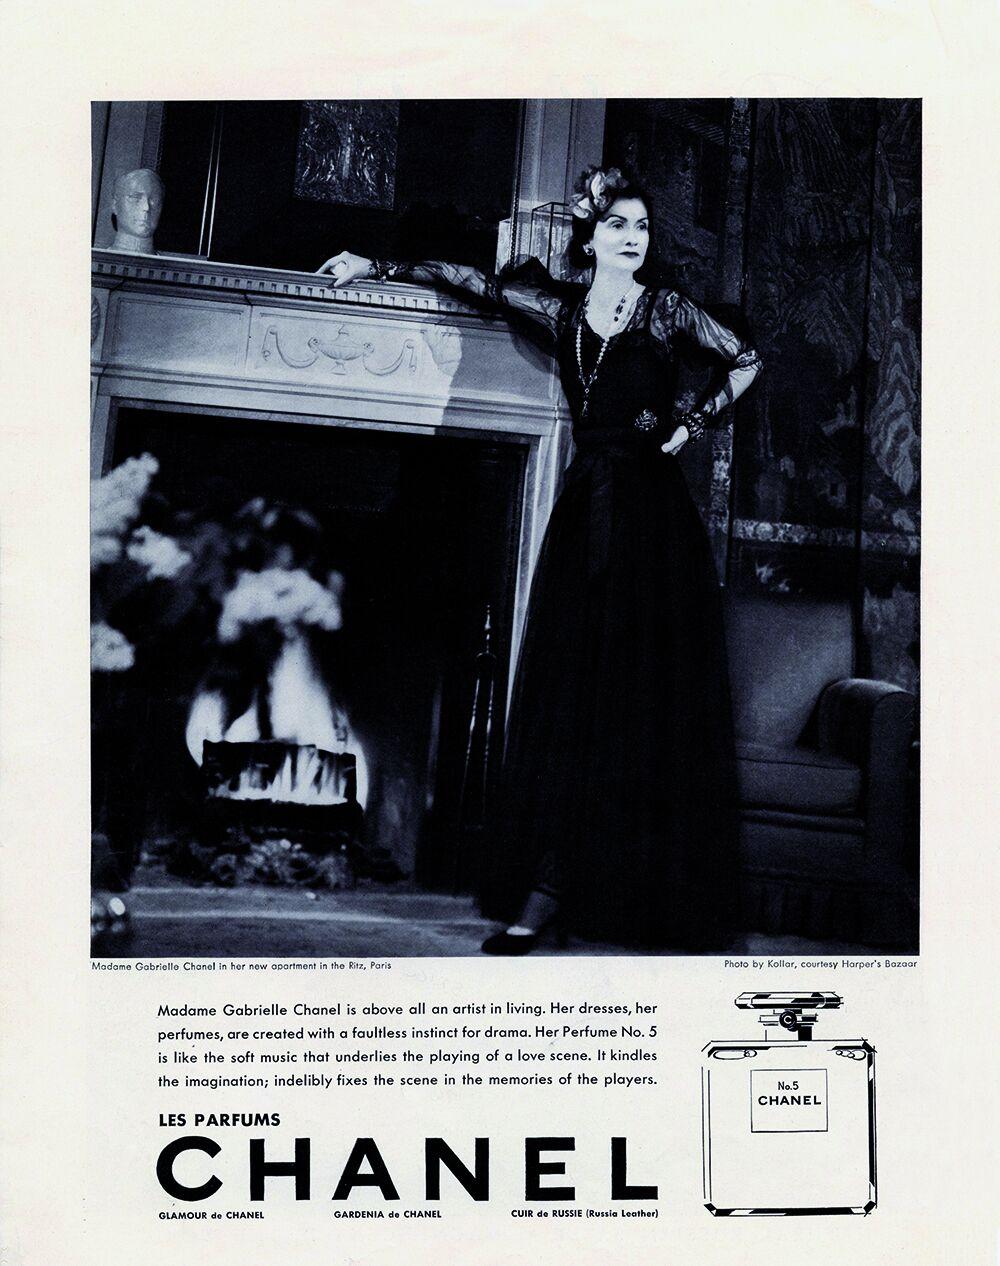 Gabrielle Chanel dans une campagne pour le N °5 par François Kollar.